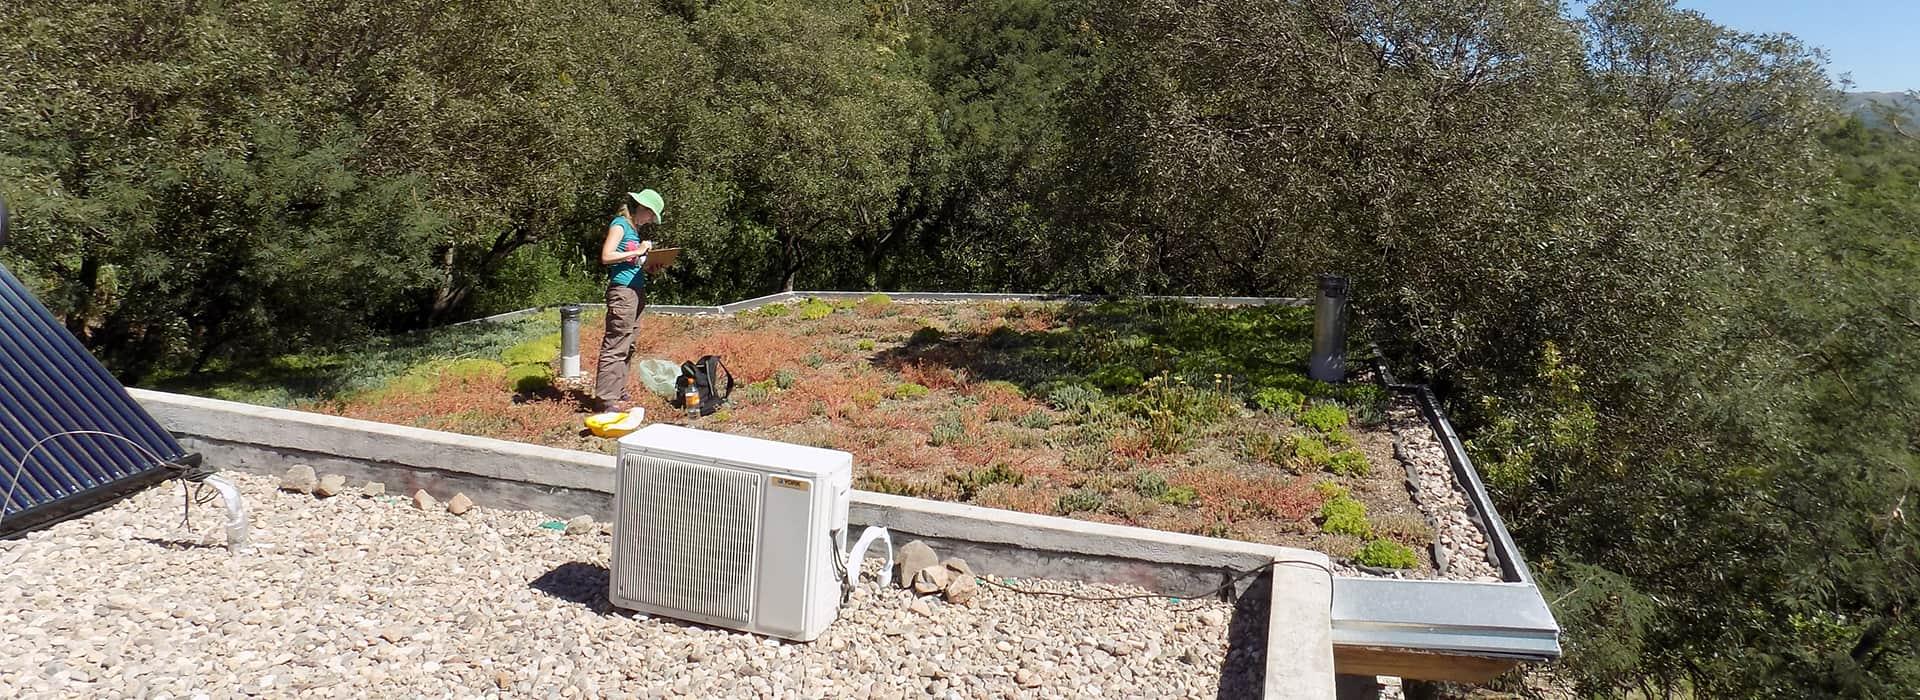 Imagen   Cómo lograr cubiertas verdes más sustentables